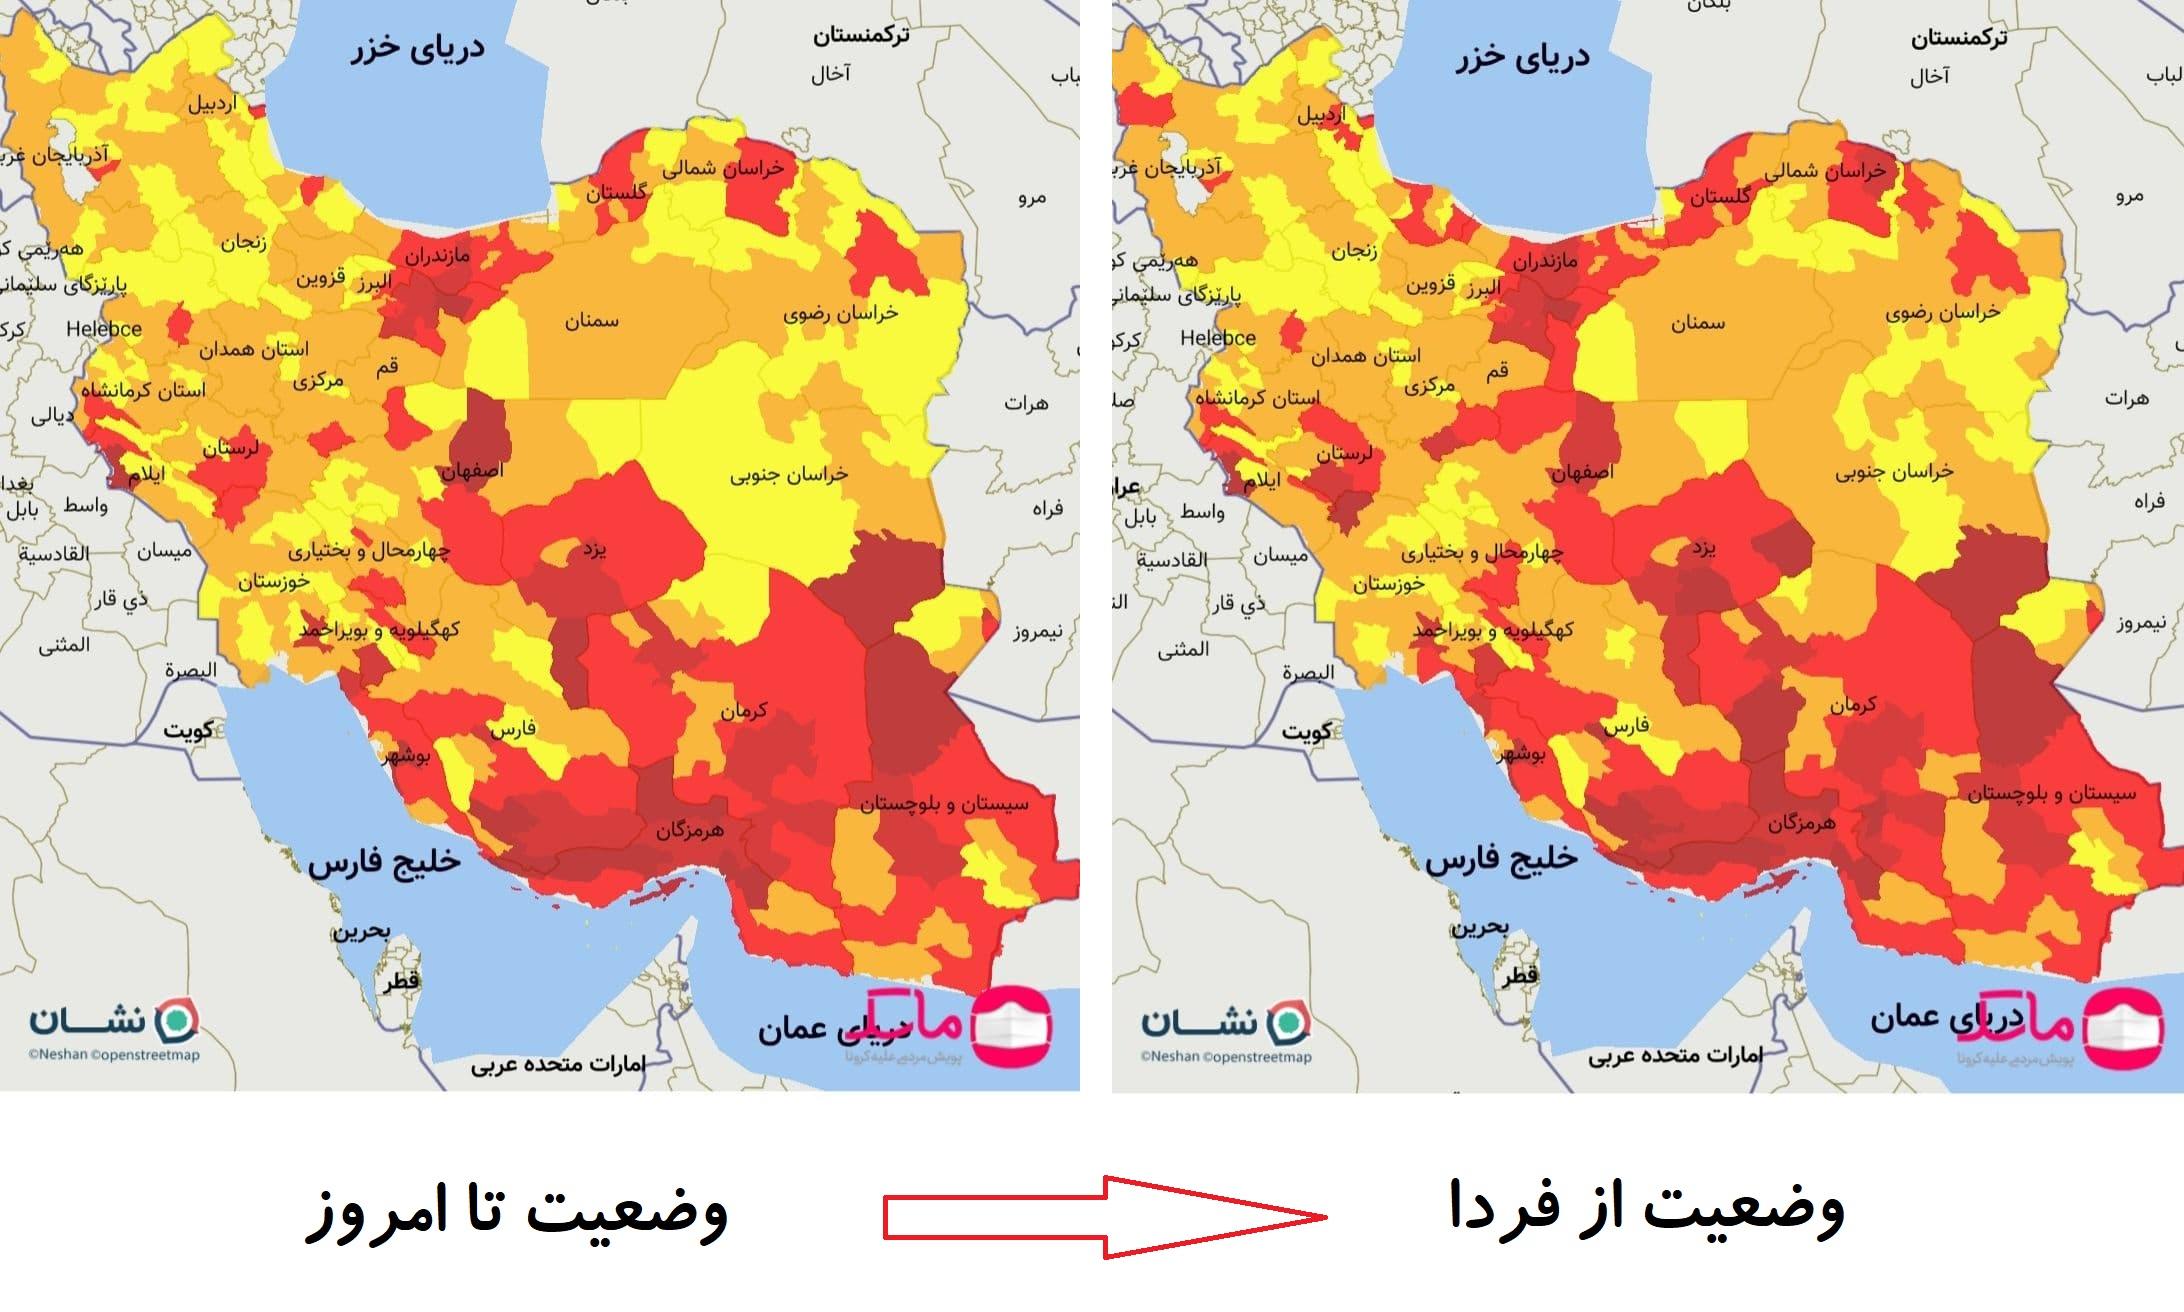 افزایش شهرهای قرمز کرونایی به ۱۴۳ شهر +جدول اختصاصی